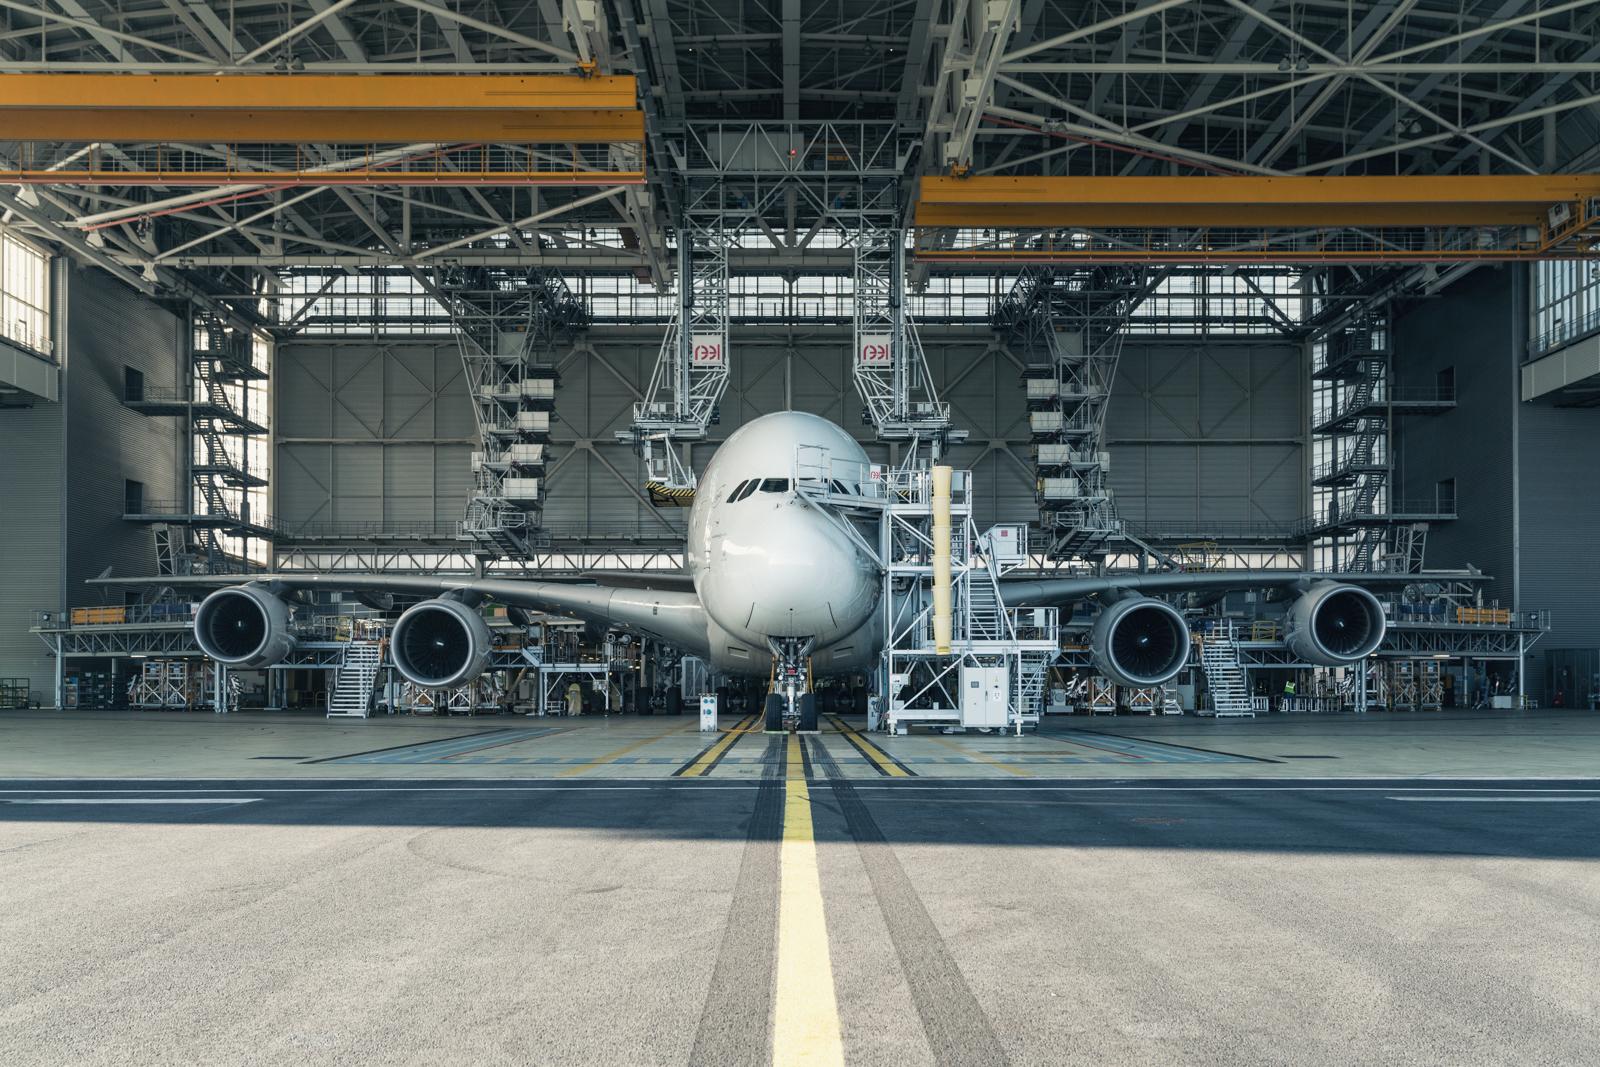 RP - Porsche Cayenne A380 World Record Tow.jpg